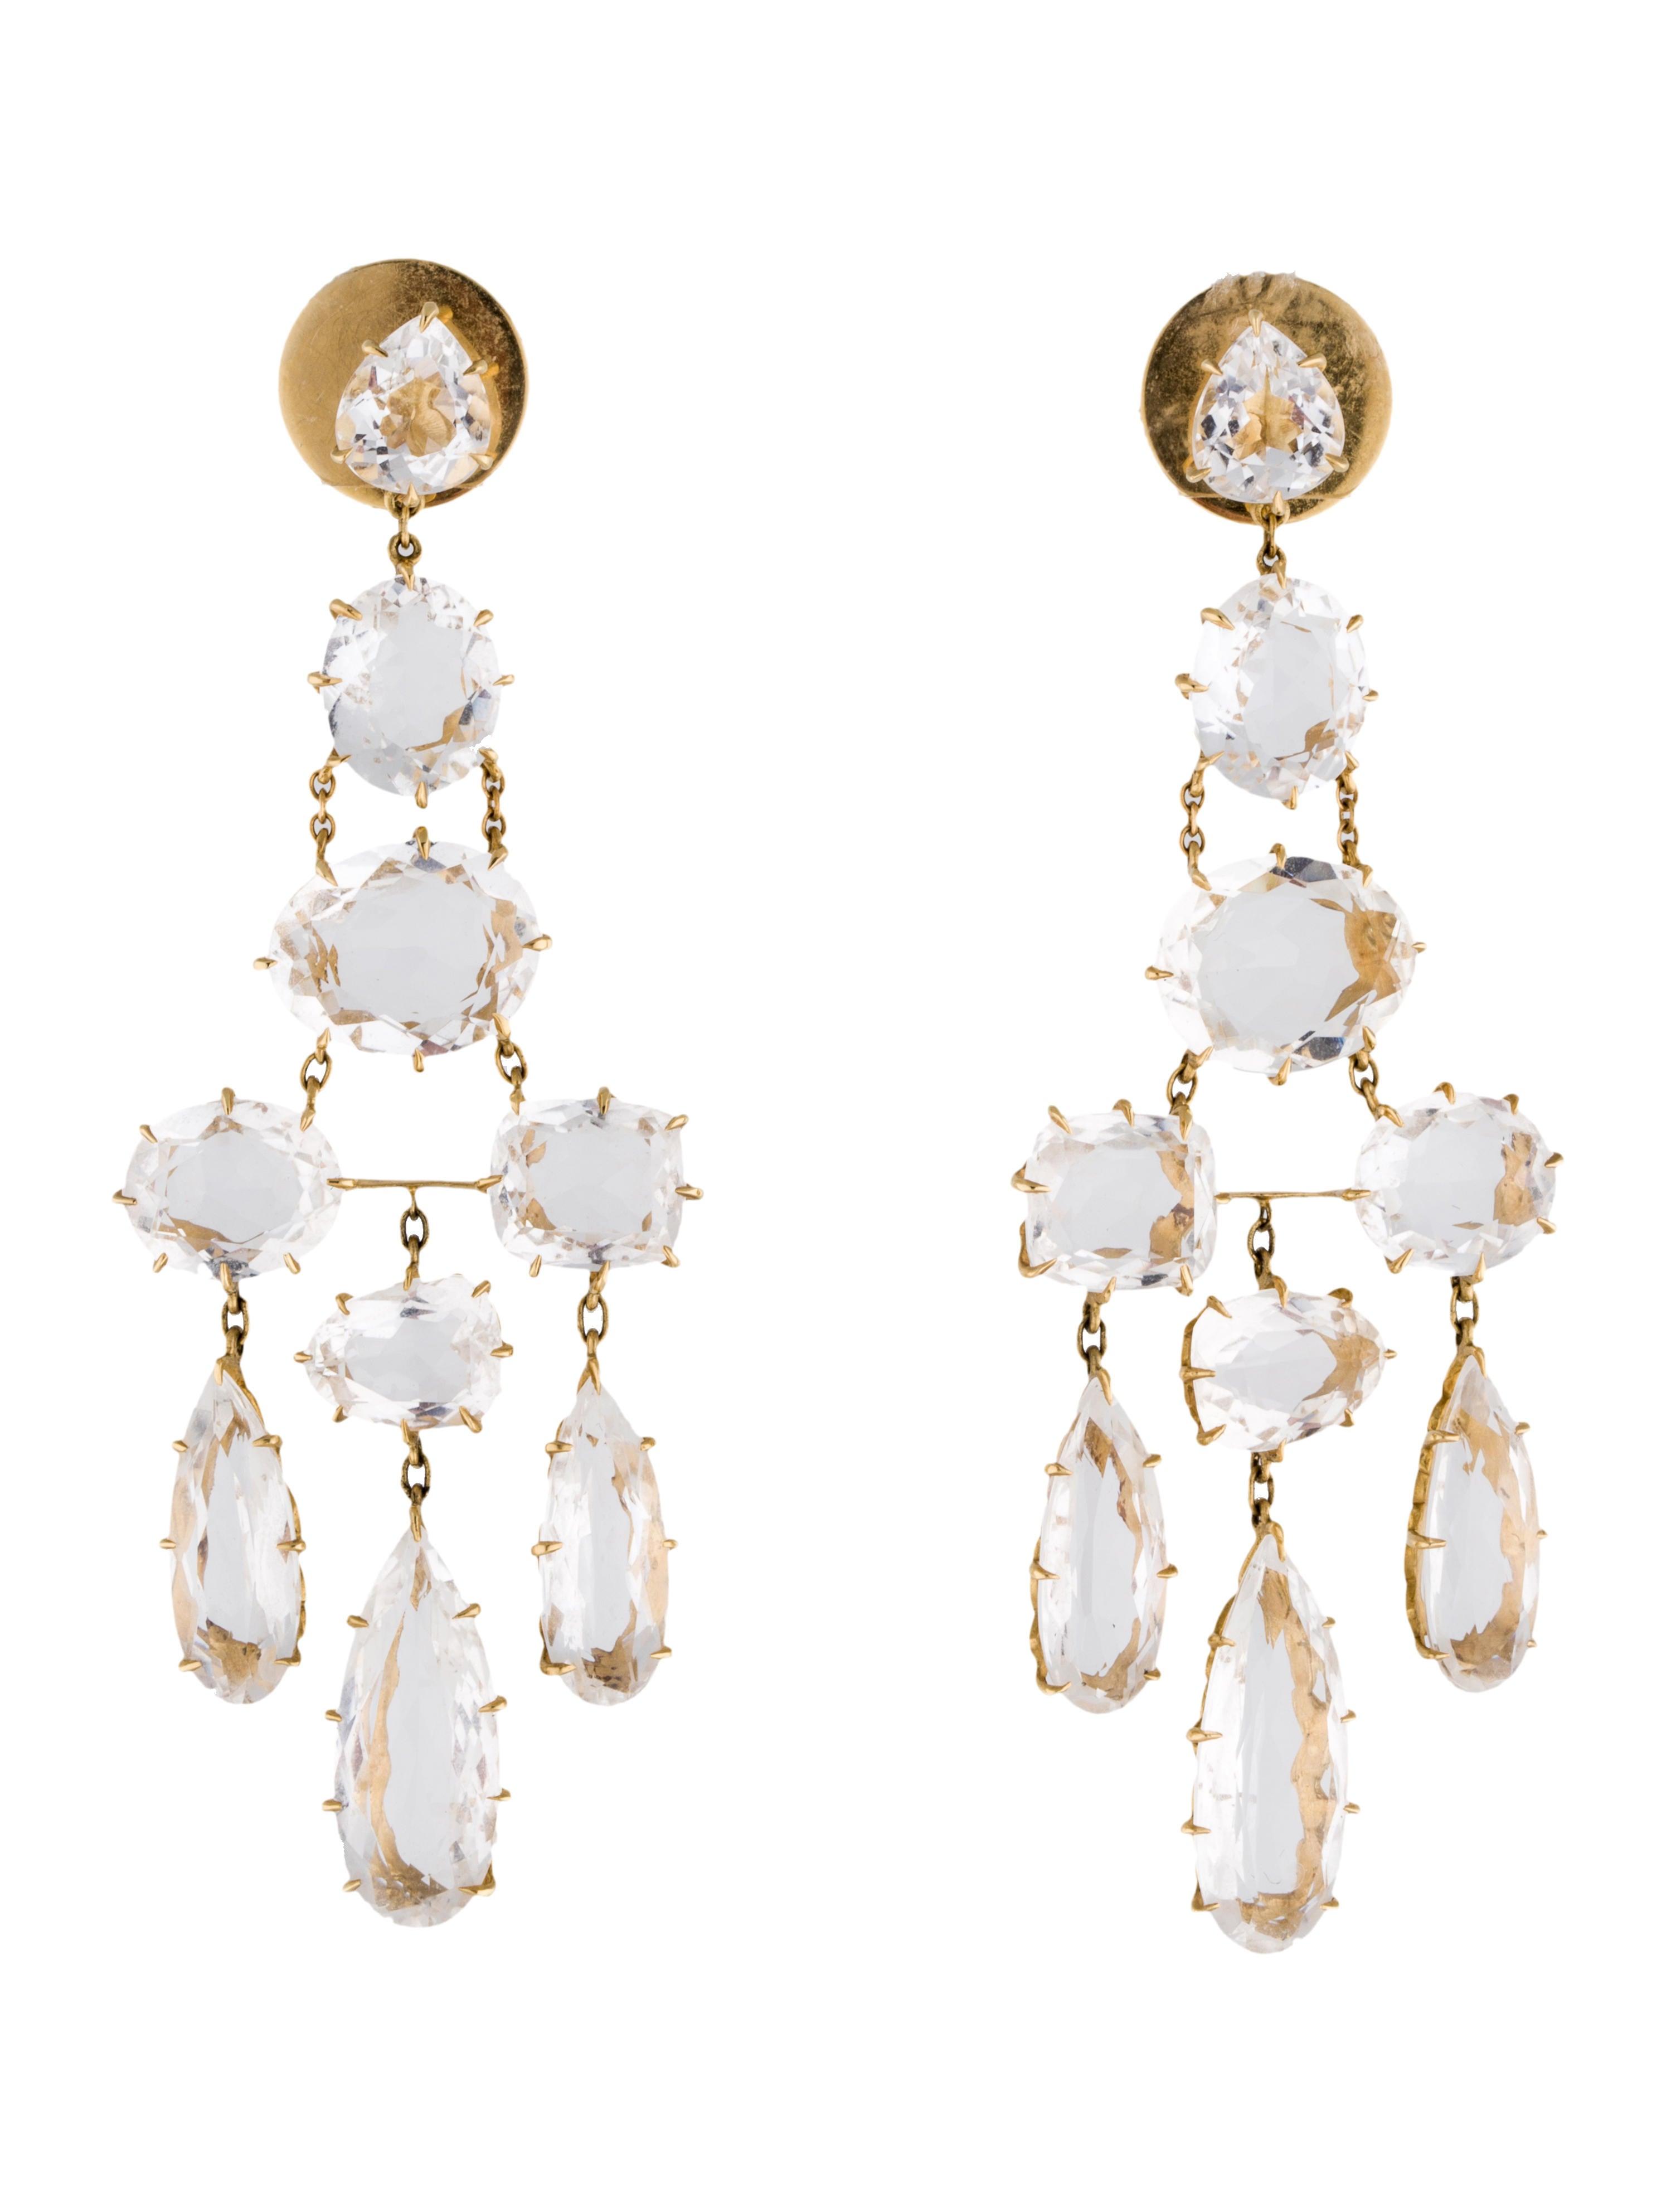 Hern rock crystal chandelier earrings earrings hst20156 rock crystal chandelier earrings arubaitofo Images